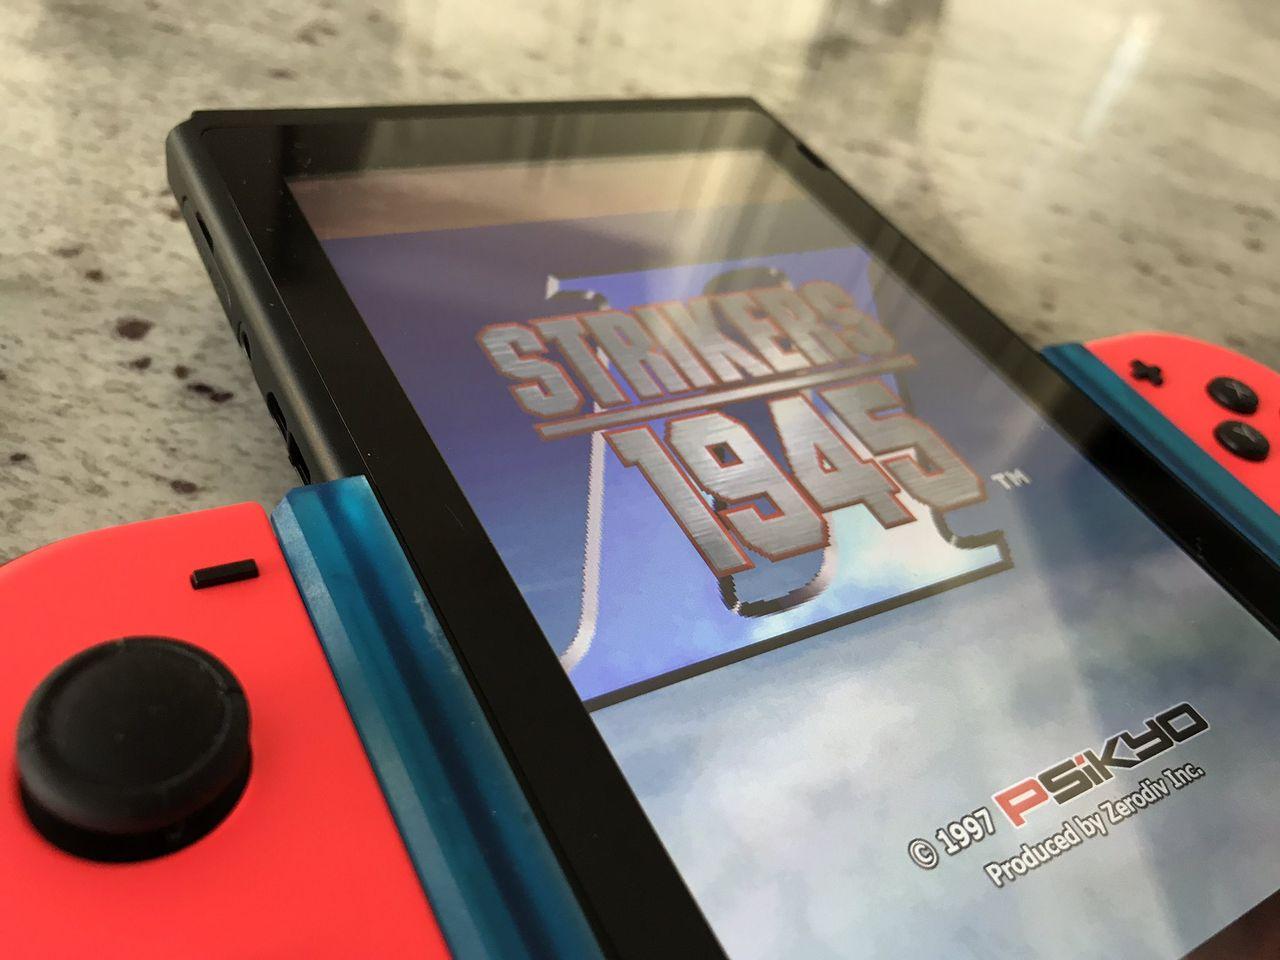 Joy-Con-tillbehör till vertikala Switch-spel på gång